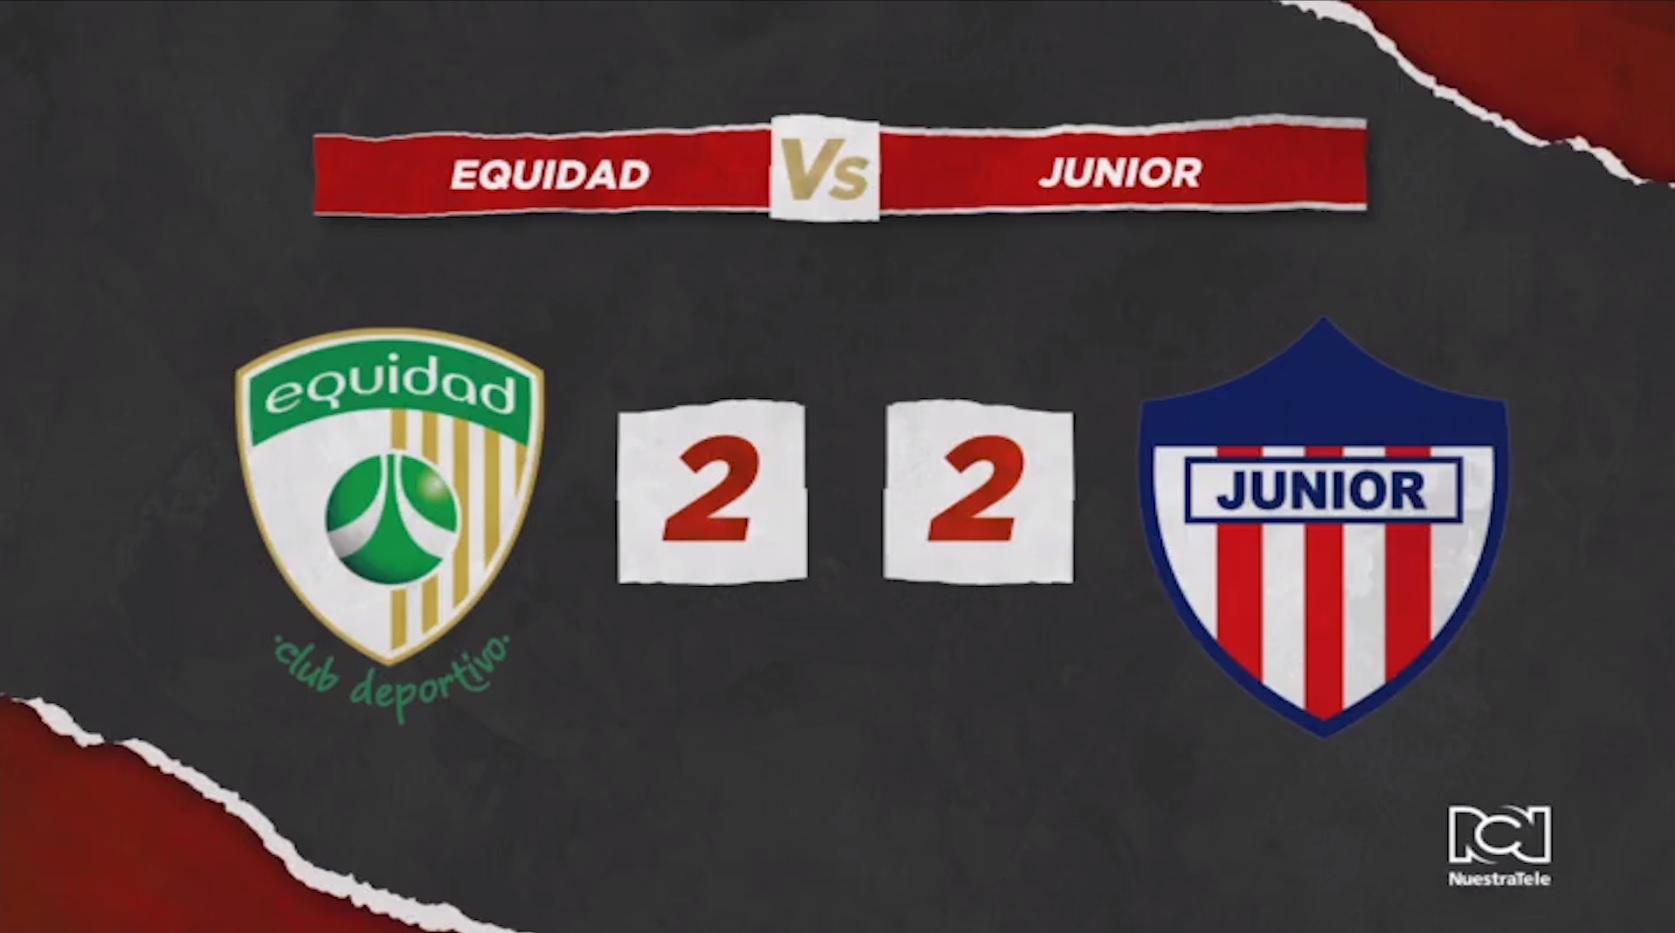 equidad-vs-junior.jpg